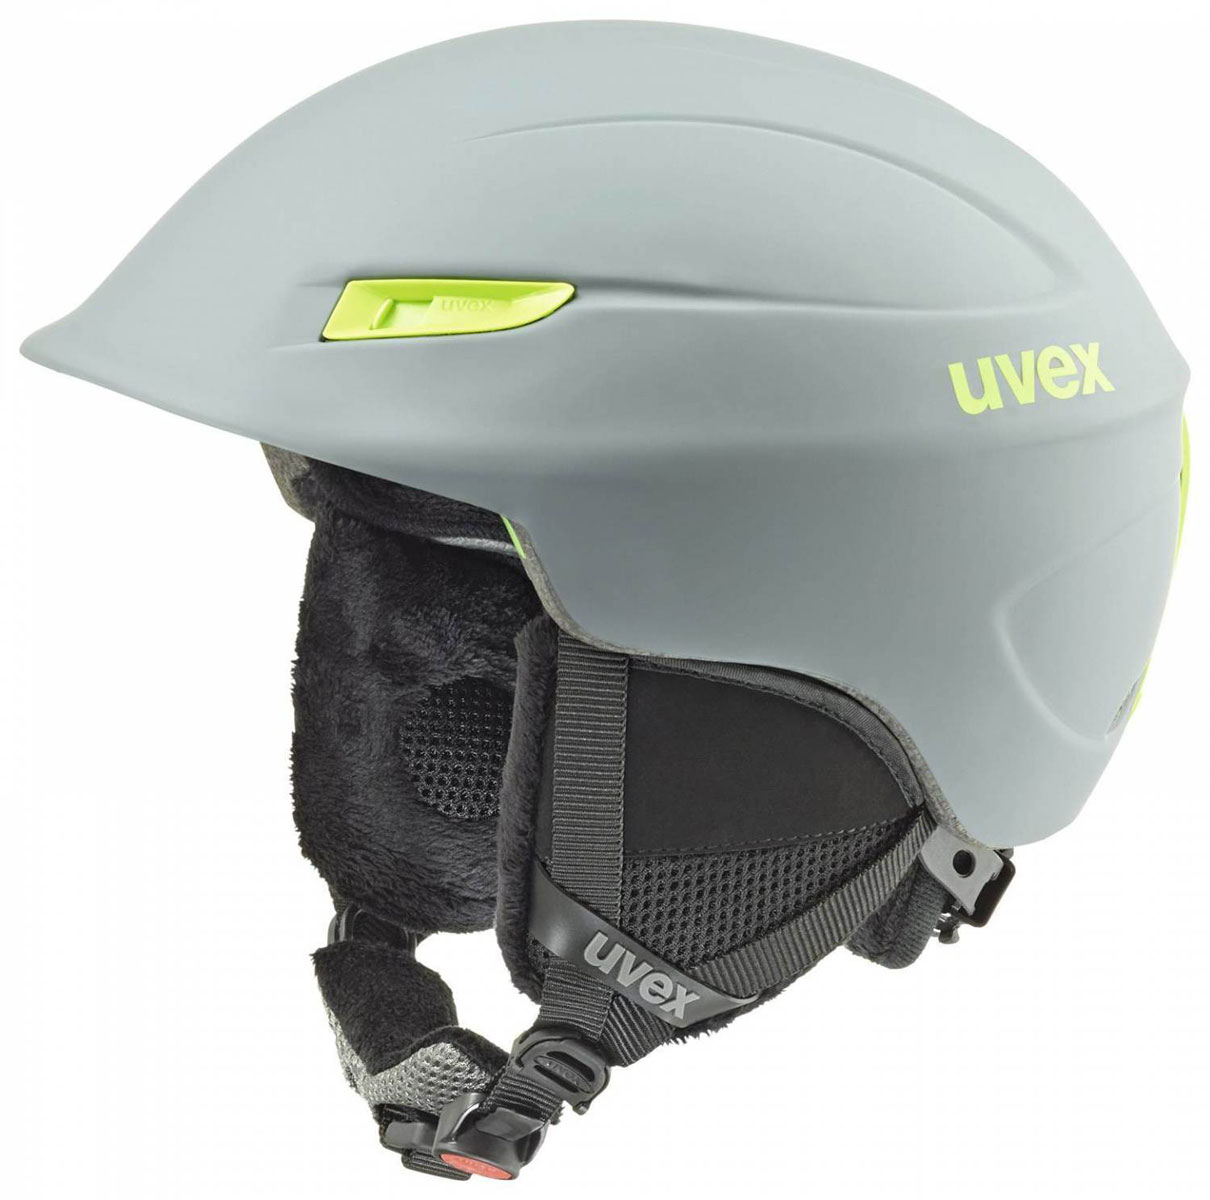 Шлем зимний Uvex Gamma, цвет: зеленый. Размер L/XL6189-5007Шлем Uvex Gamma предназначен для катаний на сноуборде и занятий другими зимними развлечениями. Шлем снабжен универсальным внутренним настроечным кольцом, регулируемыми текстильными ремешками и вентиляционными отверстиями. Большое количество вентиляционных отверстий гарантирует отличную циркуляцию воздуха на разных скоростях движения при сохранении жесткости. Подстежка изготовлена из пенополистирола. Ее роль заключается в рассеивании энергии при ударе, что защищает голову. Верхняя часть шлема, выполненная из прочного пластика, препятствует разрушению изделия, защищает шлем от прокола и позволять ему скользить при ударах. Способность шлема скользить по поверхности является важной его характеристикой, так как при падении движение уменьшается не сразу, а постепенно, снижая тем самым нагрузку на голову и шею. Шлем оснащен утеплительной подкладкой и мягкой защитой ушей. При желании подкладку можно снять, что позволяет использовать шлем и в теплый период времени.Надежный шлем с ярким дизайном обеспечит высокую степень защиты. А вентиляционные отверстия сделают катание максимально комфортным.